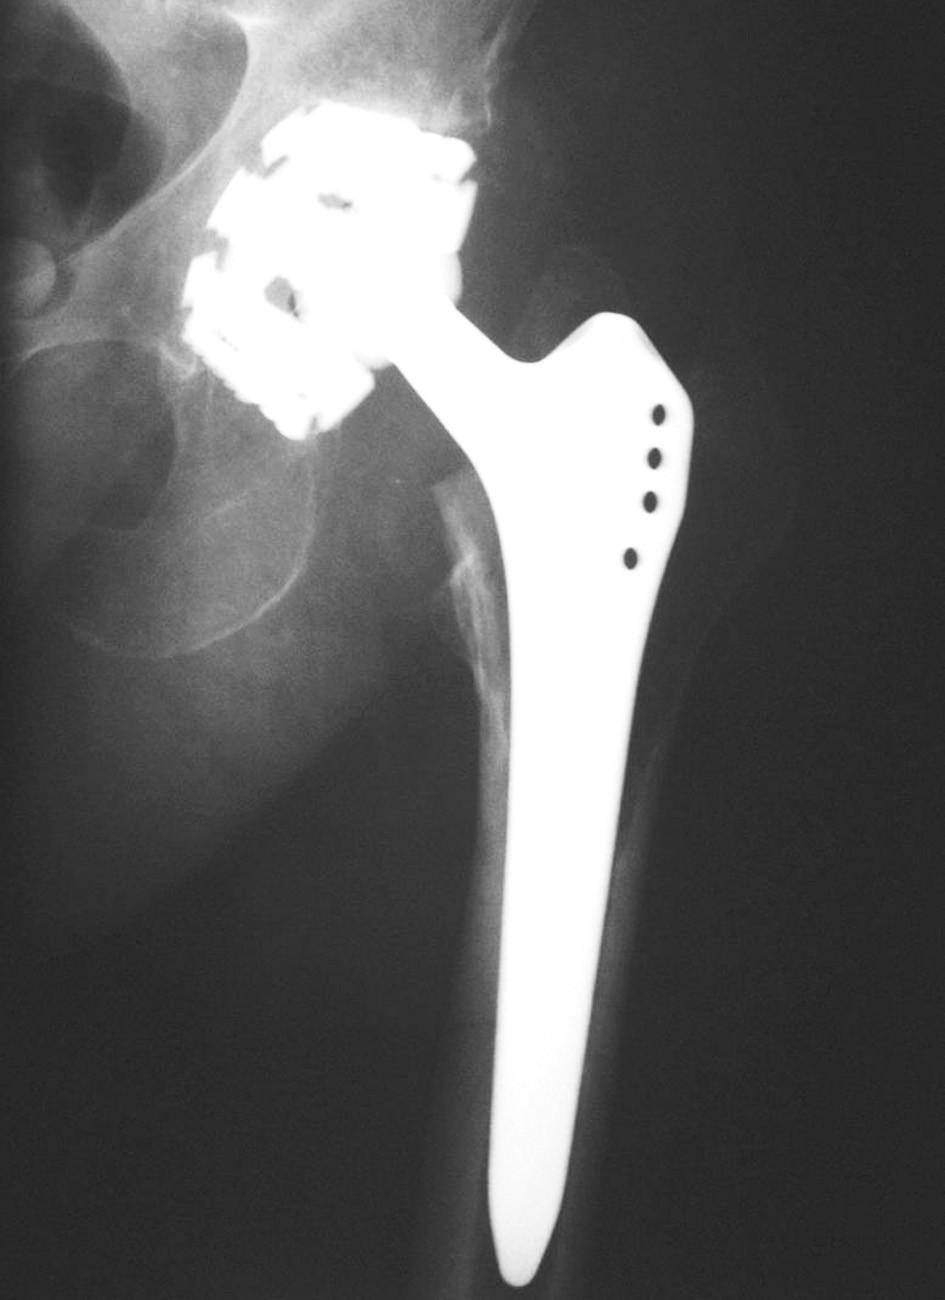 Implantovaná totální endoprotéza kyčelního kloubu.